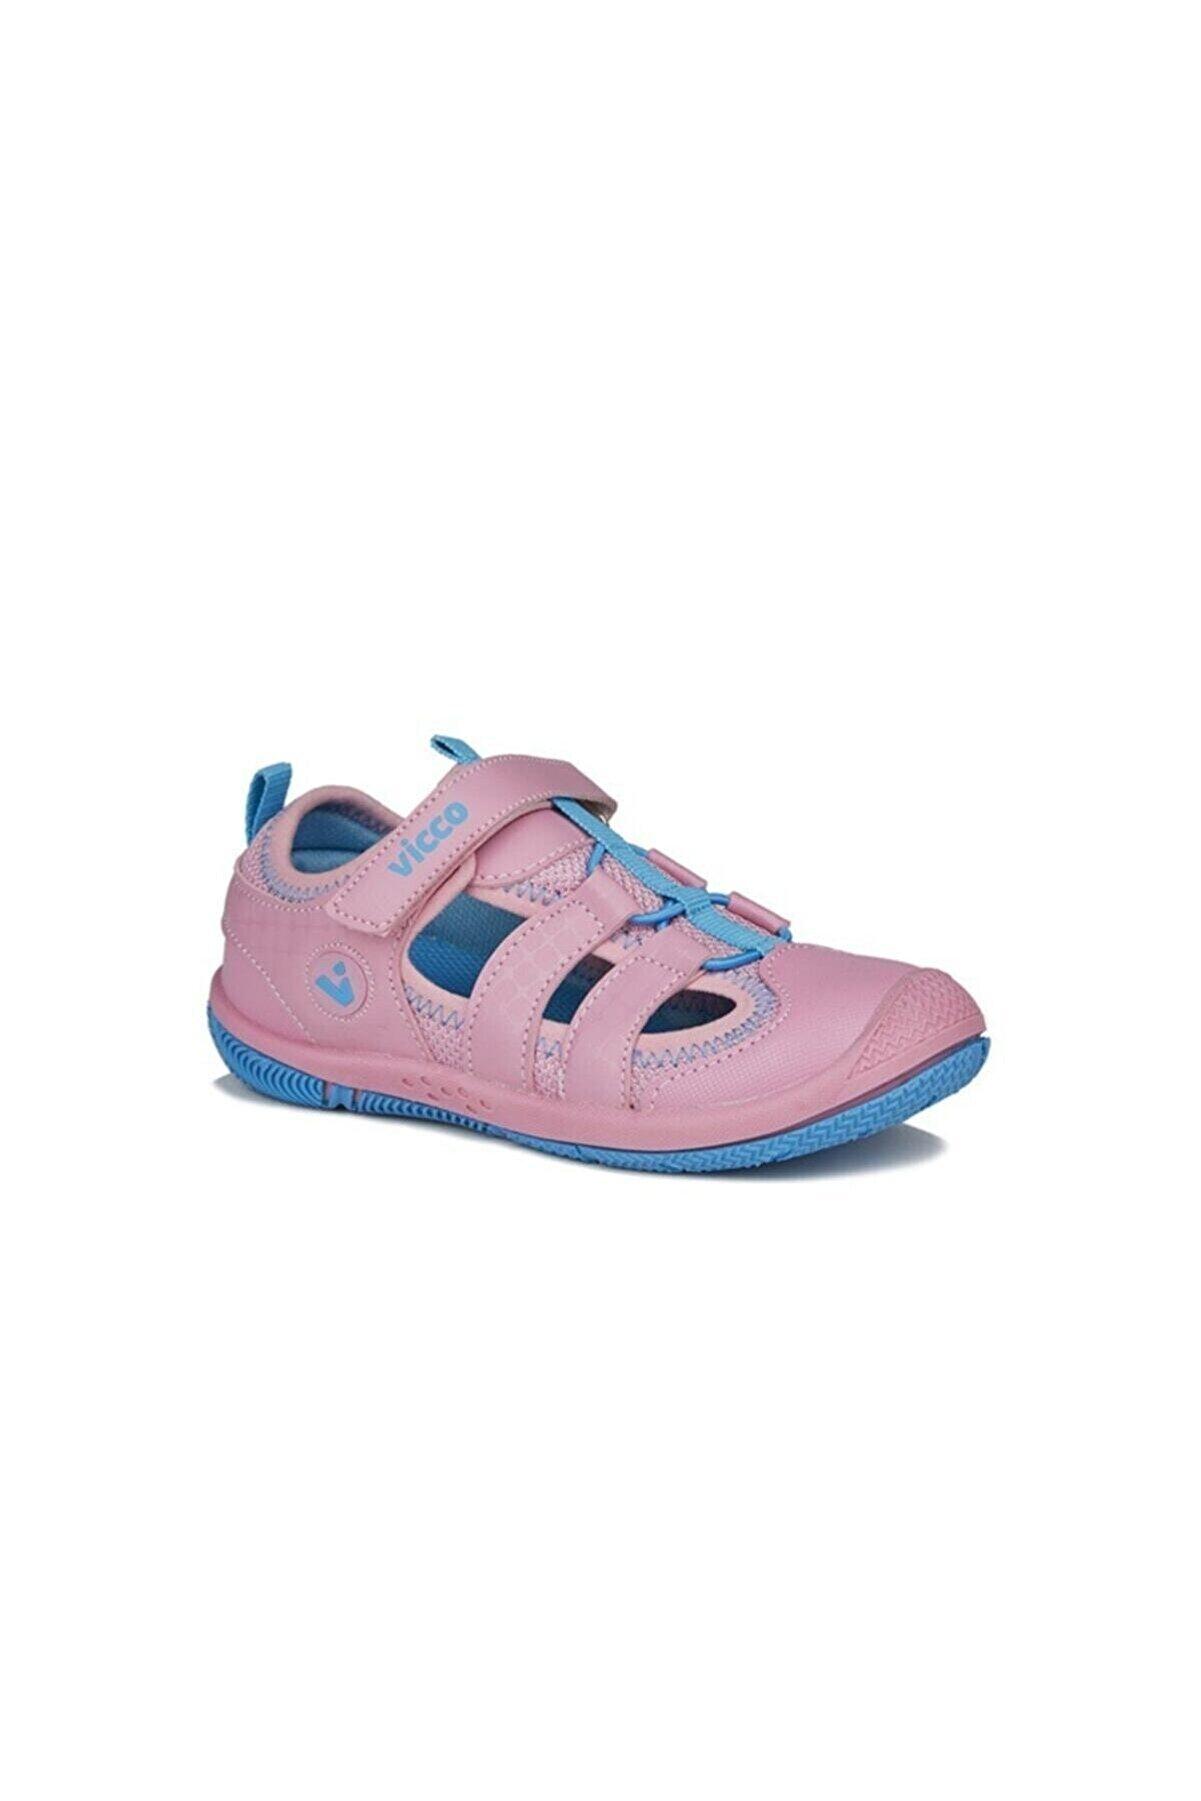 Vicco Sunny Sandalet Pembe